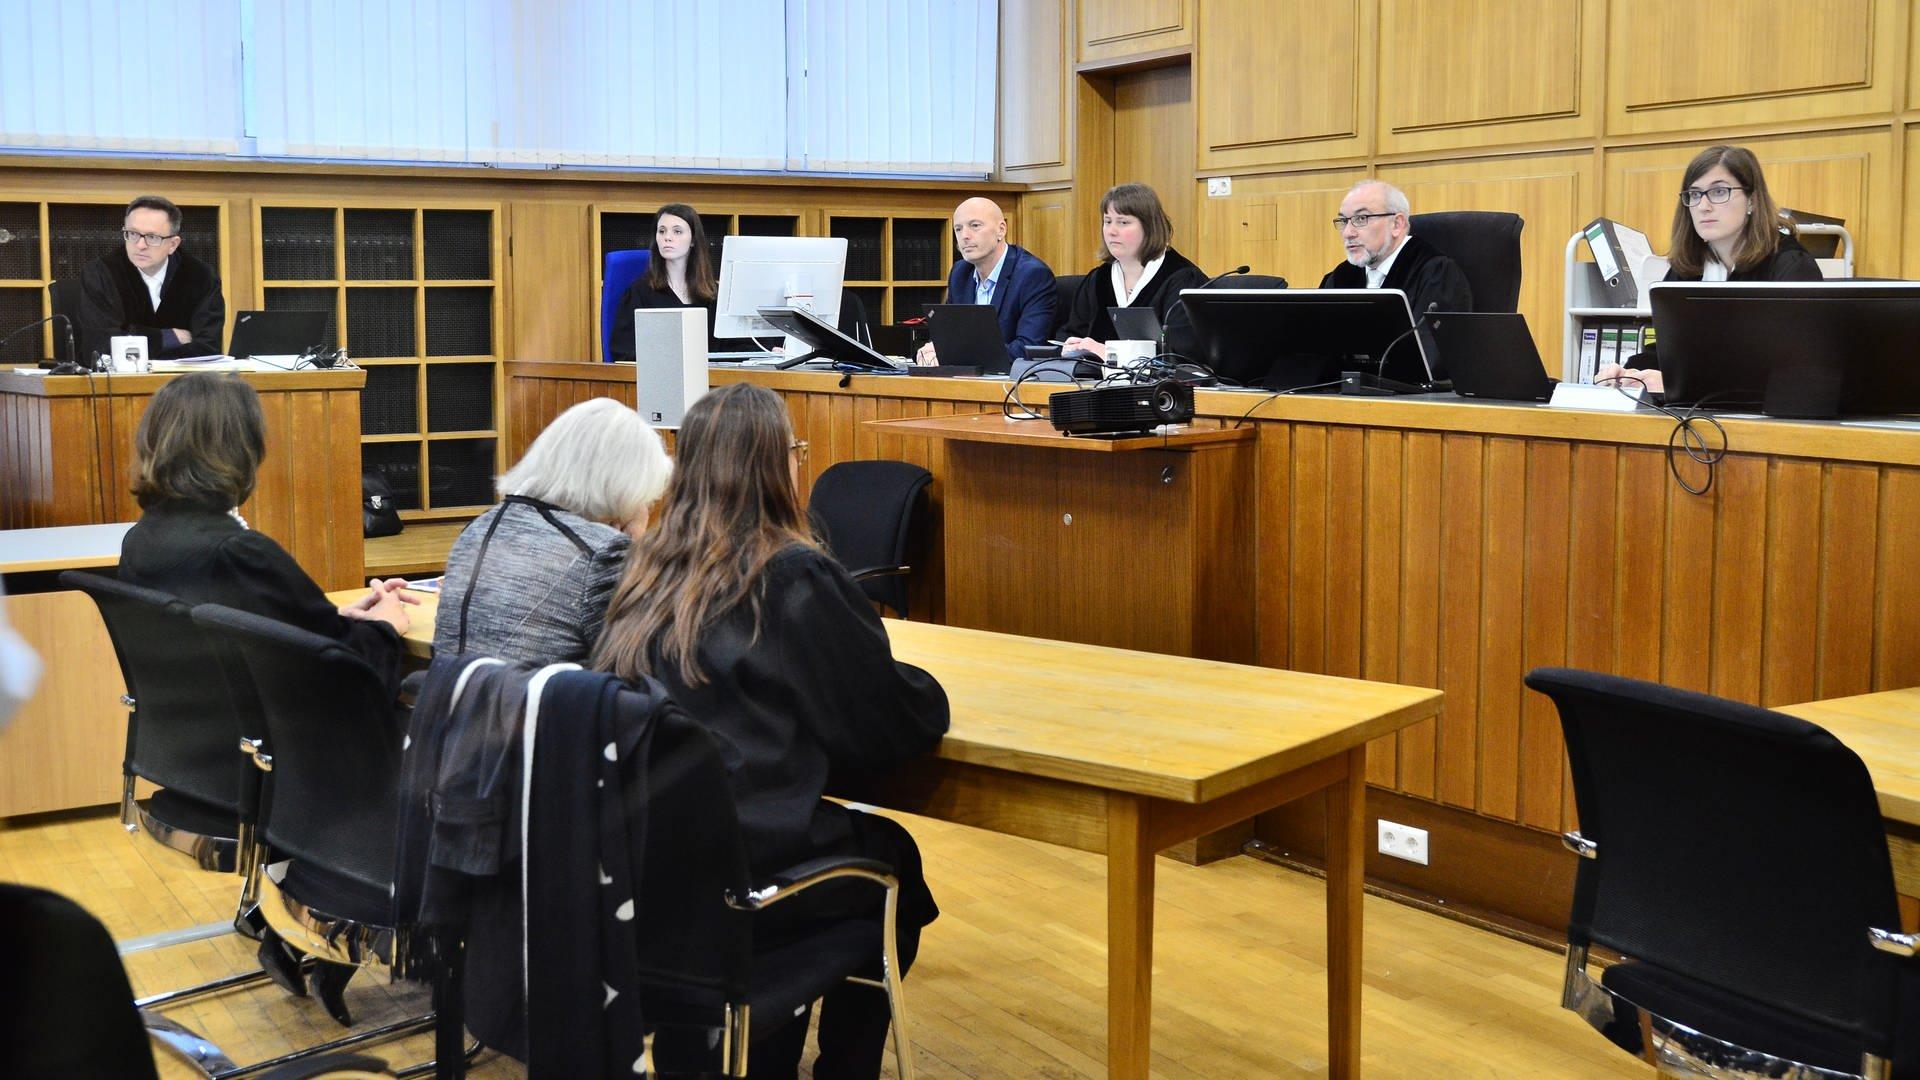 Prozessauftakt am Landgericht Heilbronn: Die 70-jährige Kindersitterin soll einen Siebenjährigen getötet haben, so die Anklage.